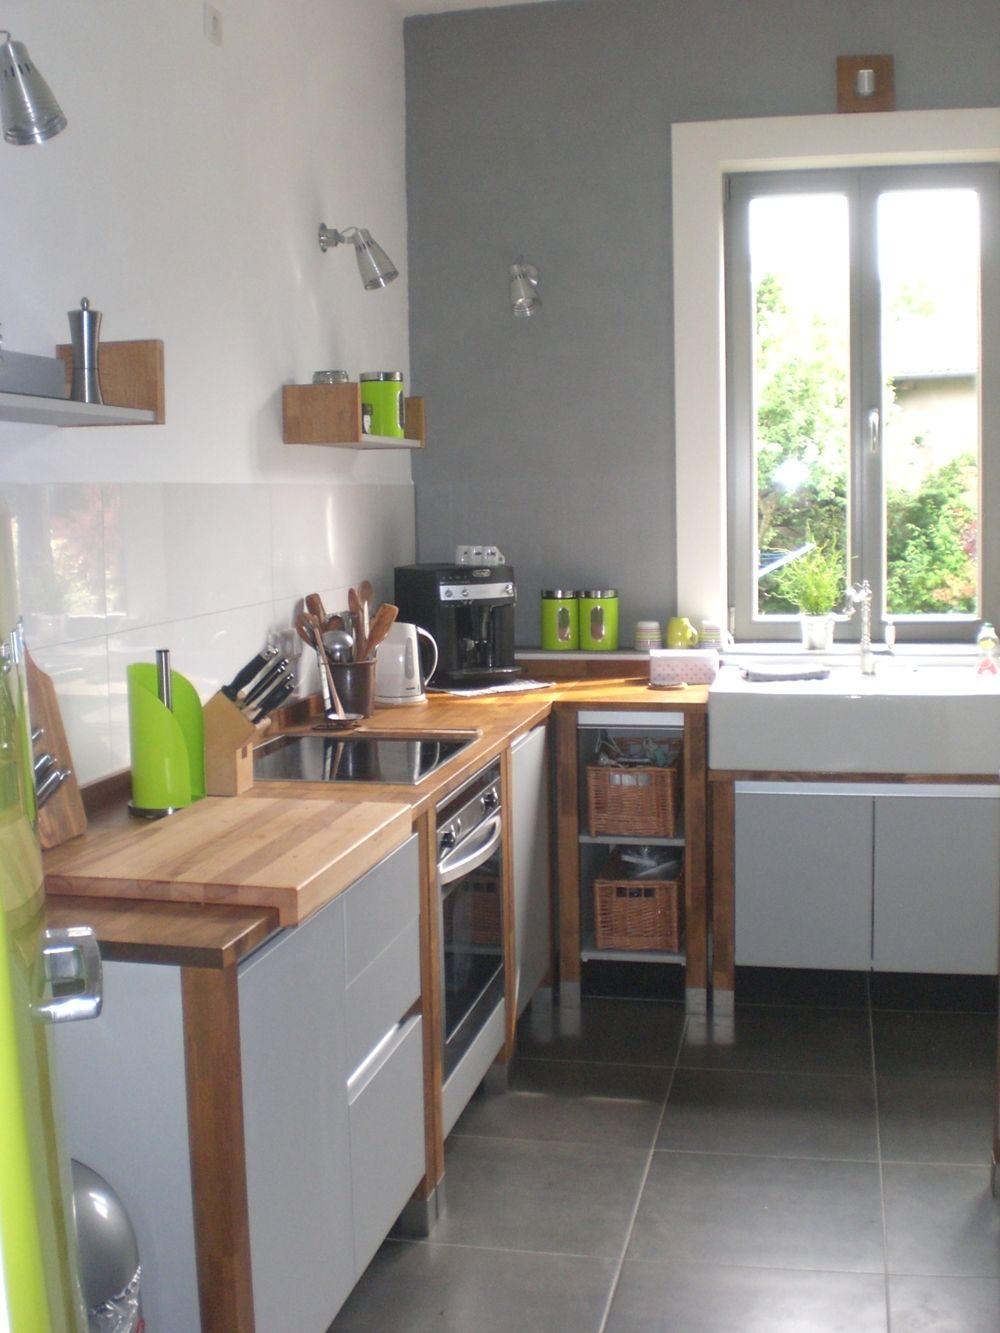 Referenzen  Modulküchen bloc Modulküche online Kaufen  Küche